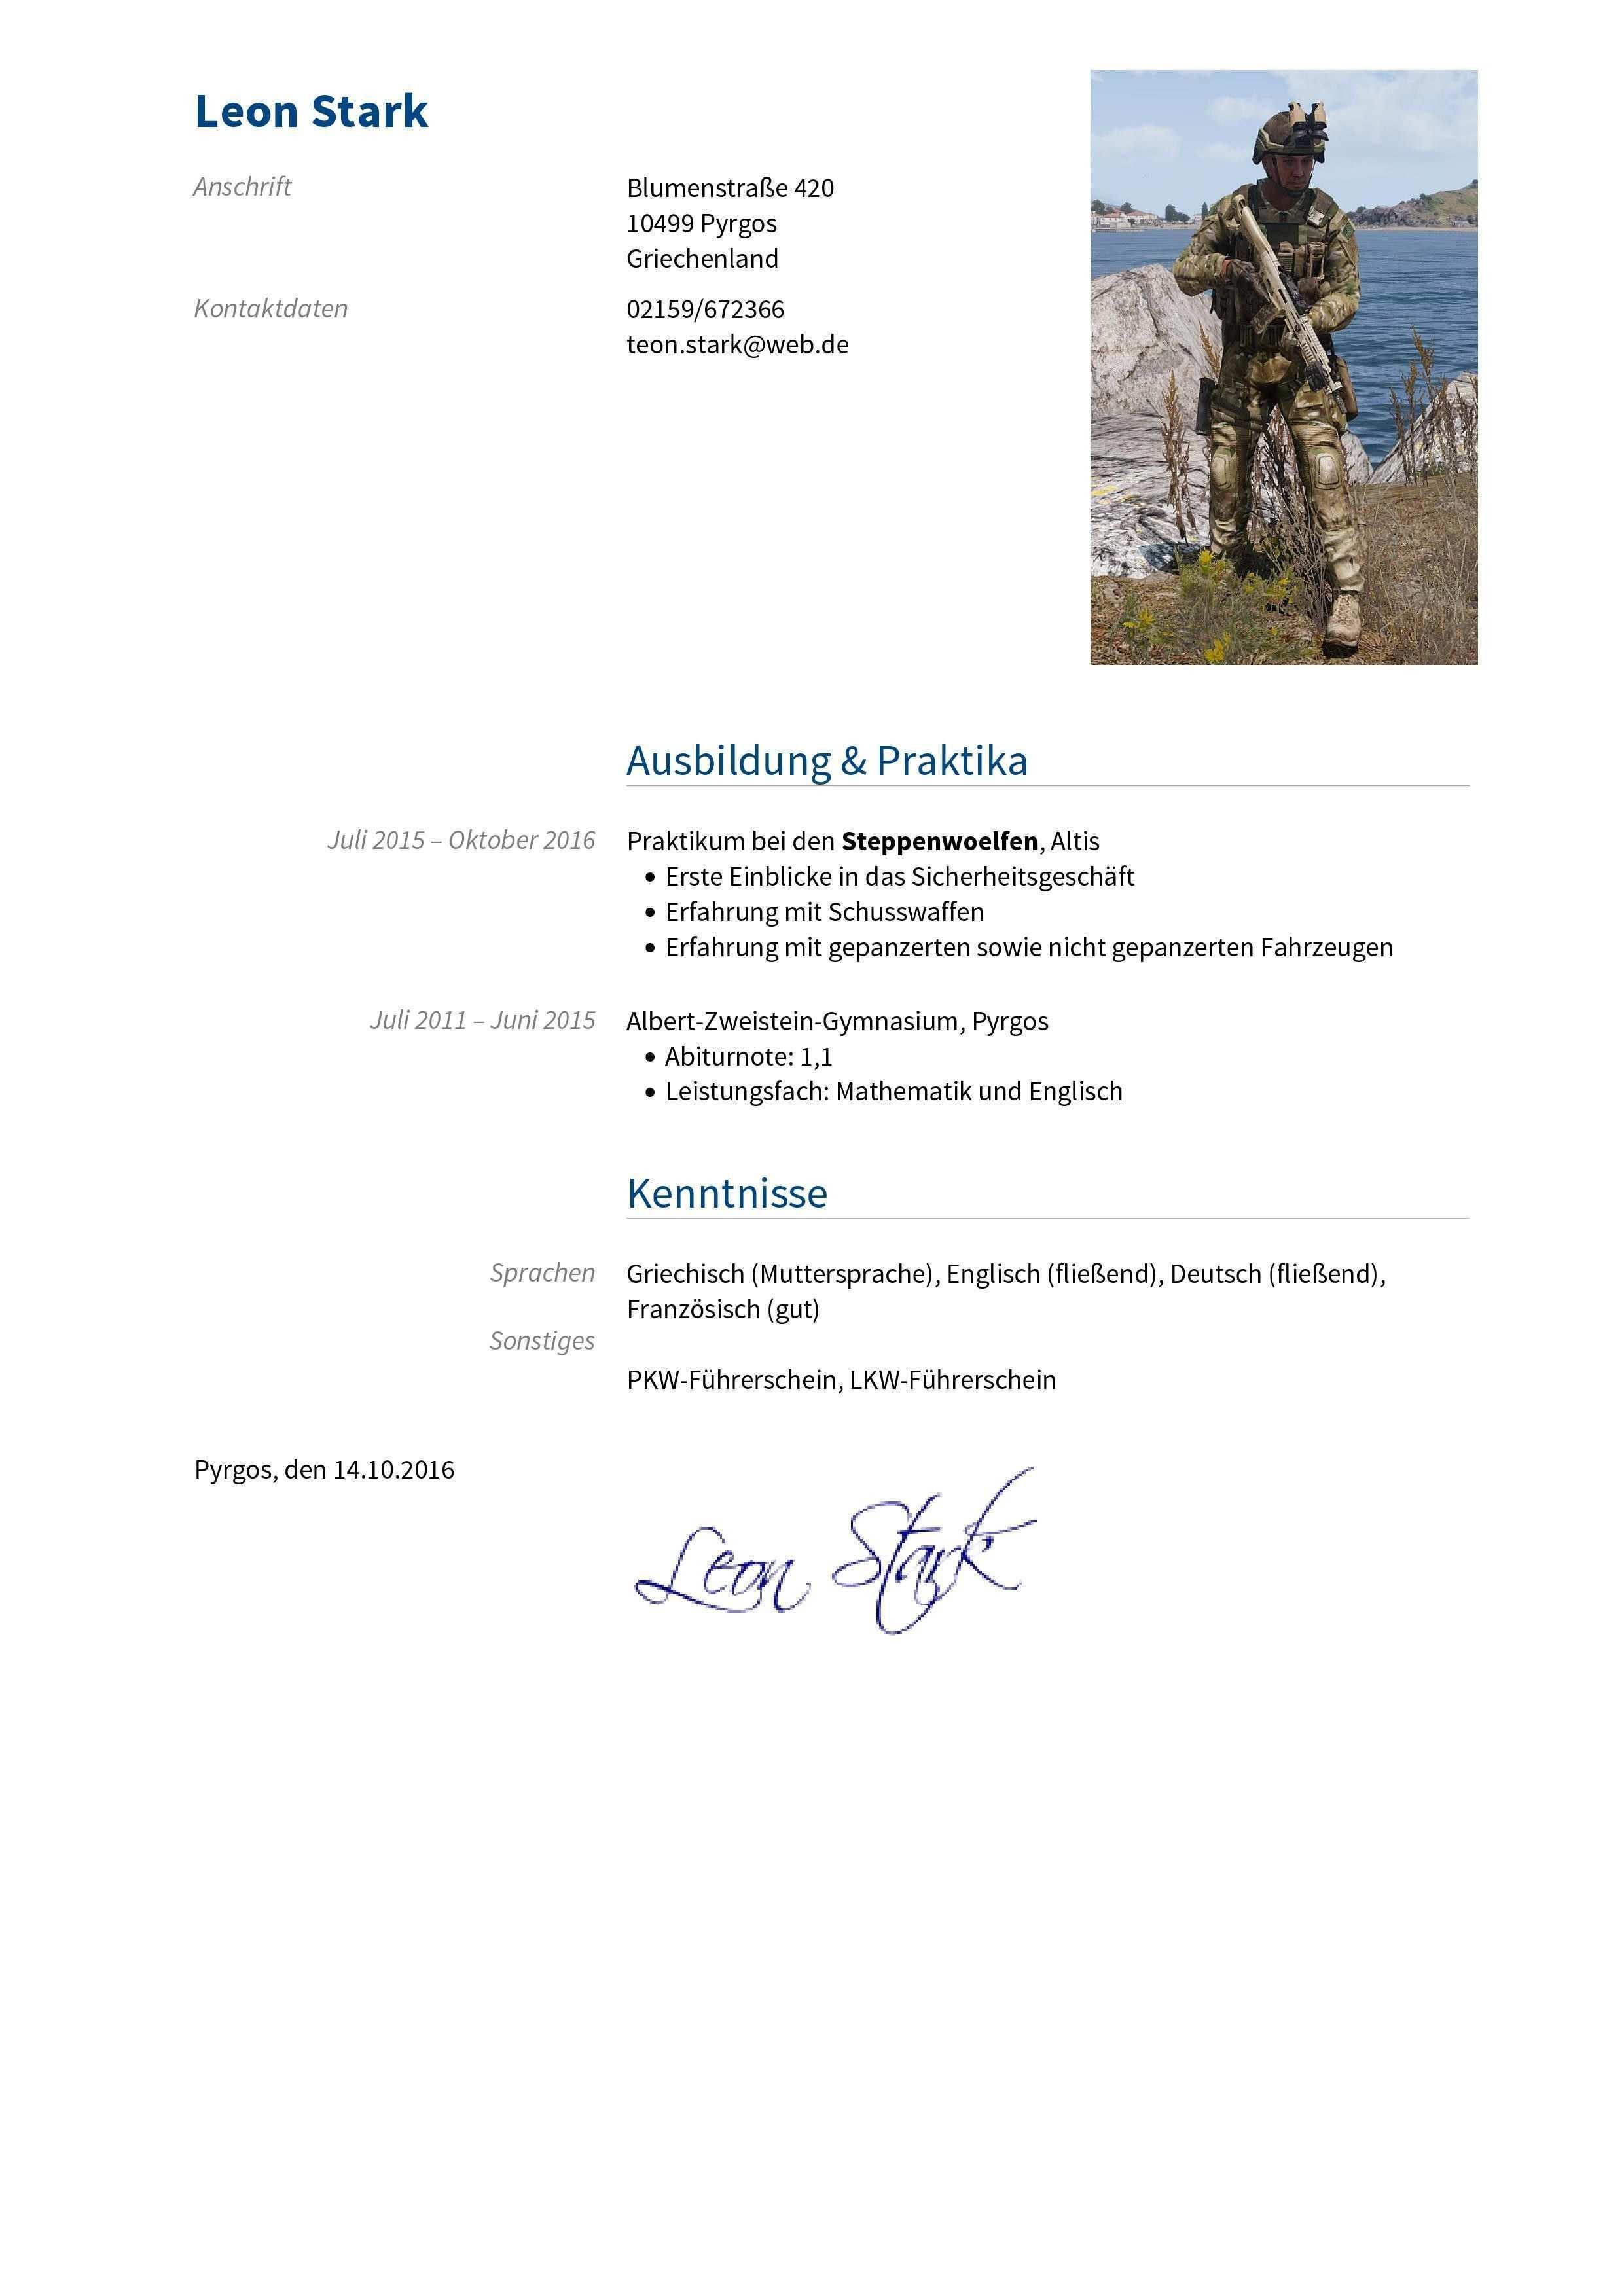 Briefprobe Briefformat Briefvorlage Kenntnisse Gymnasium Bewerbung